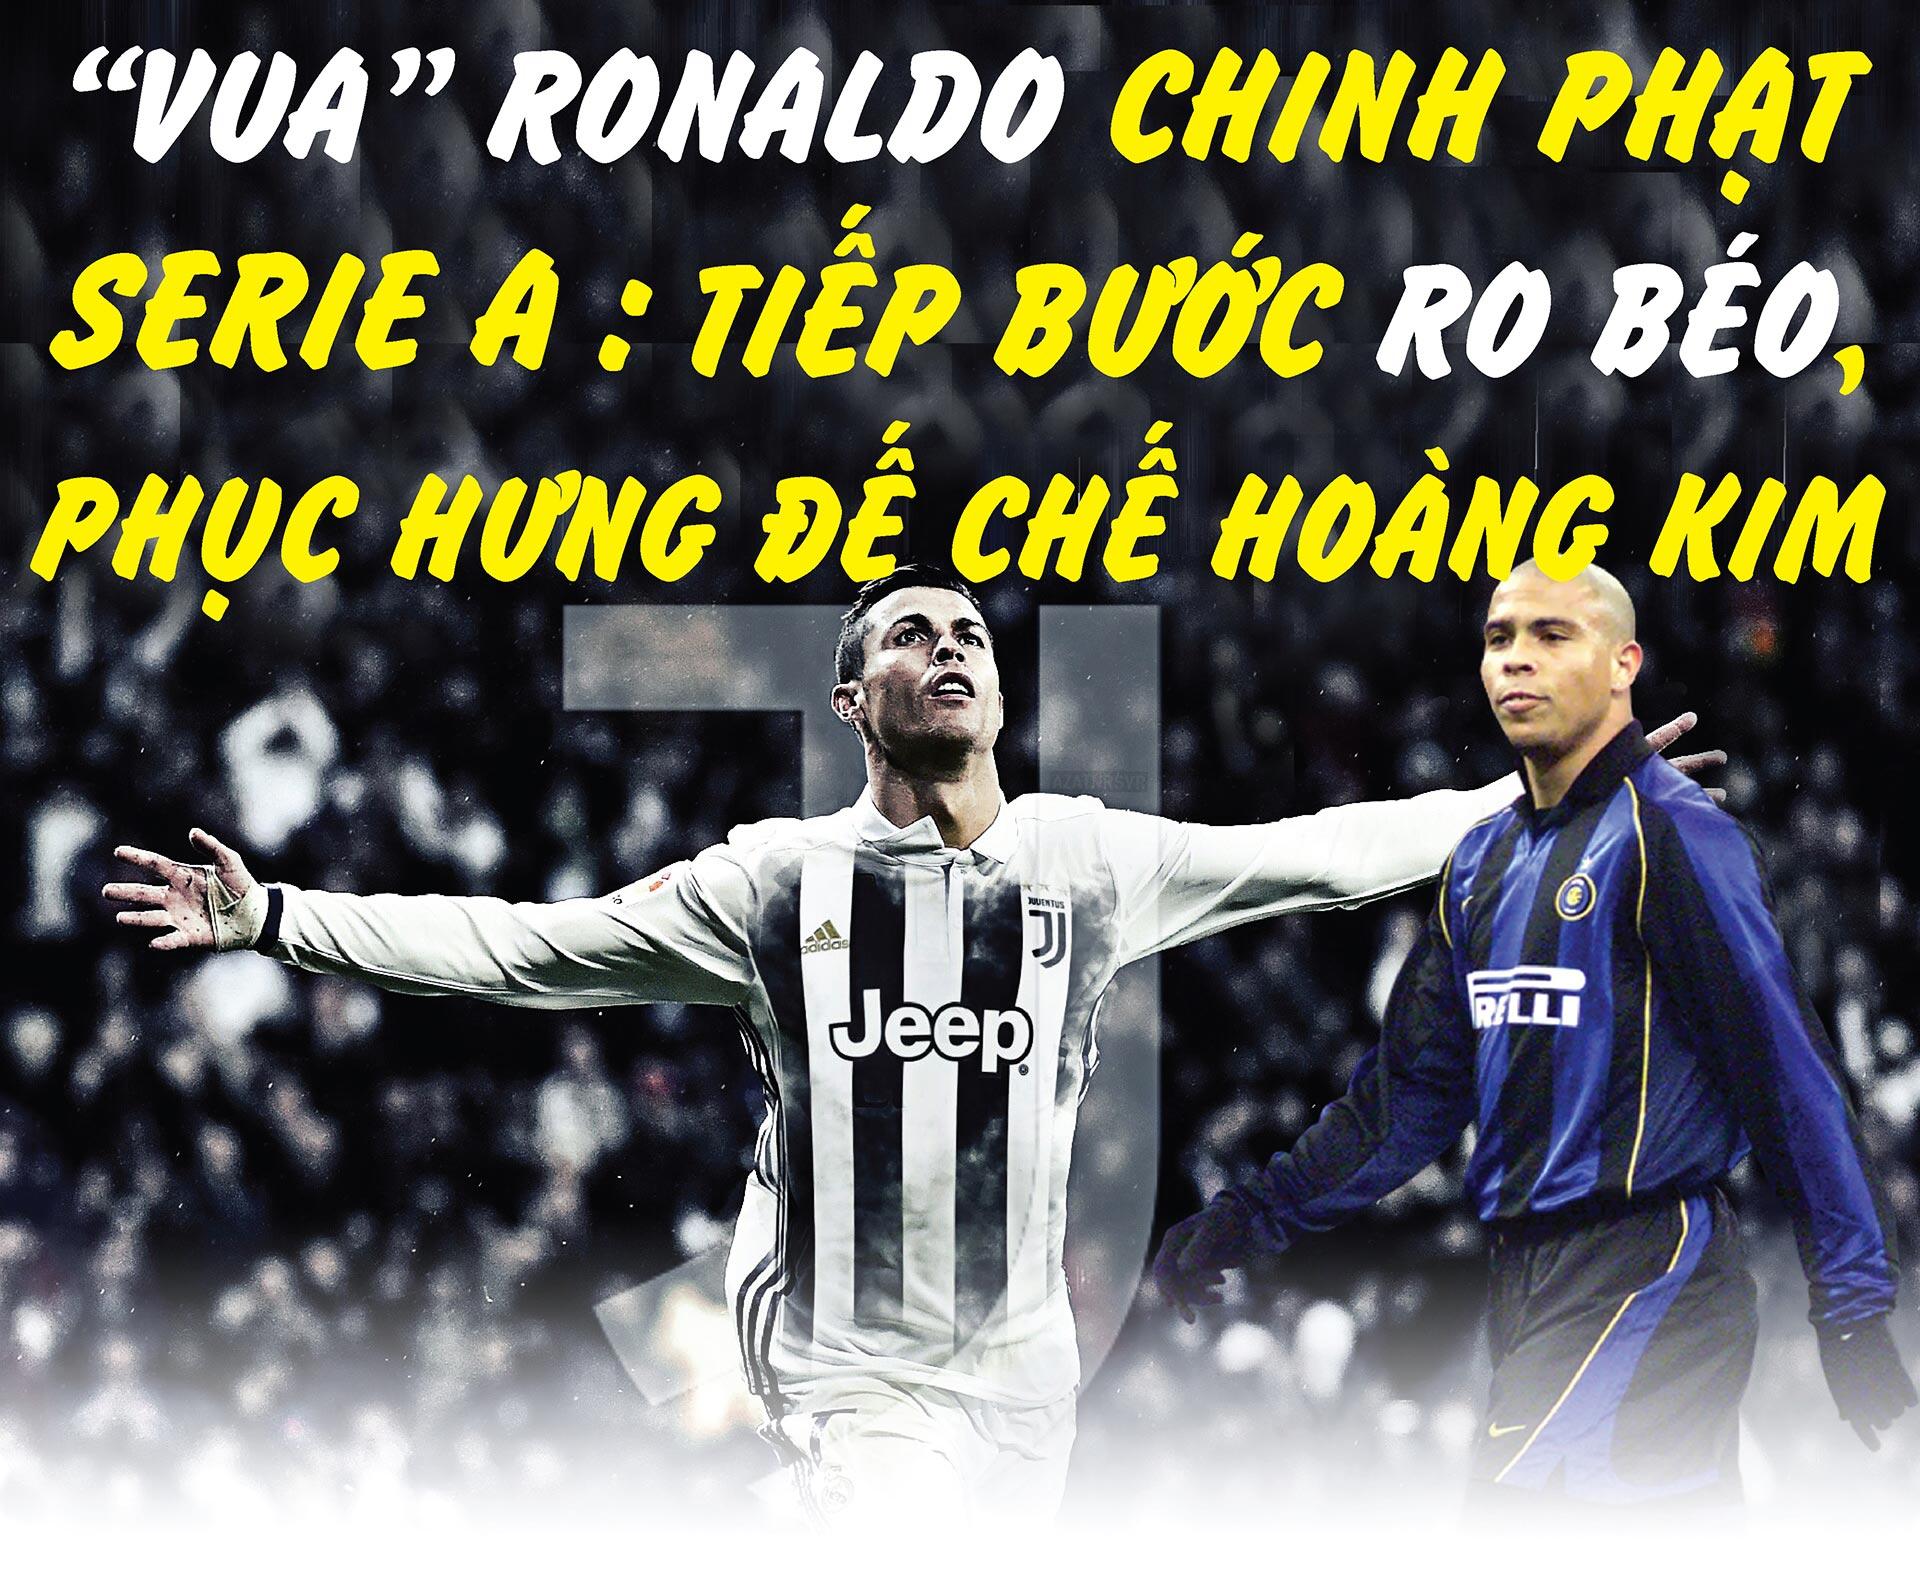 """""""Vua"""" Ronaldo chinh phạt Serie A: Tiếp bước Ro béo, phục hưng đế chế hoàng kim - 1"""